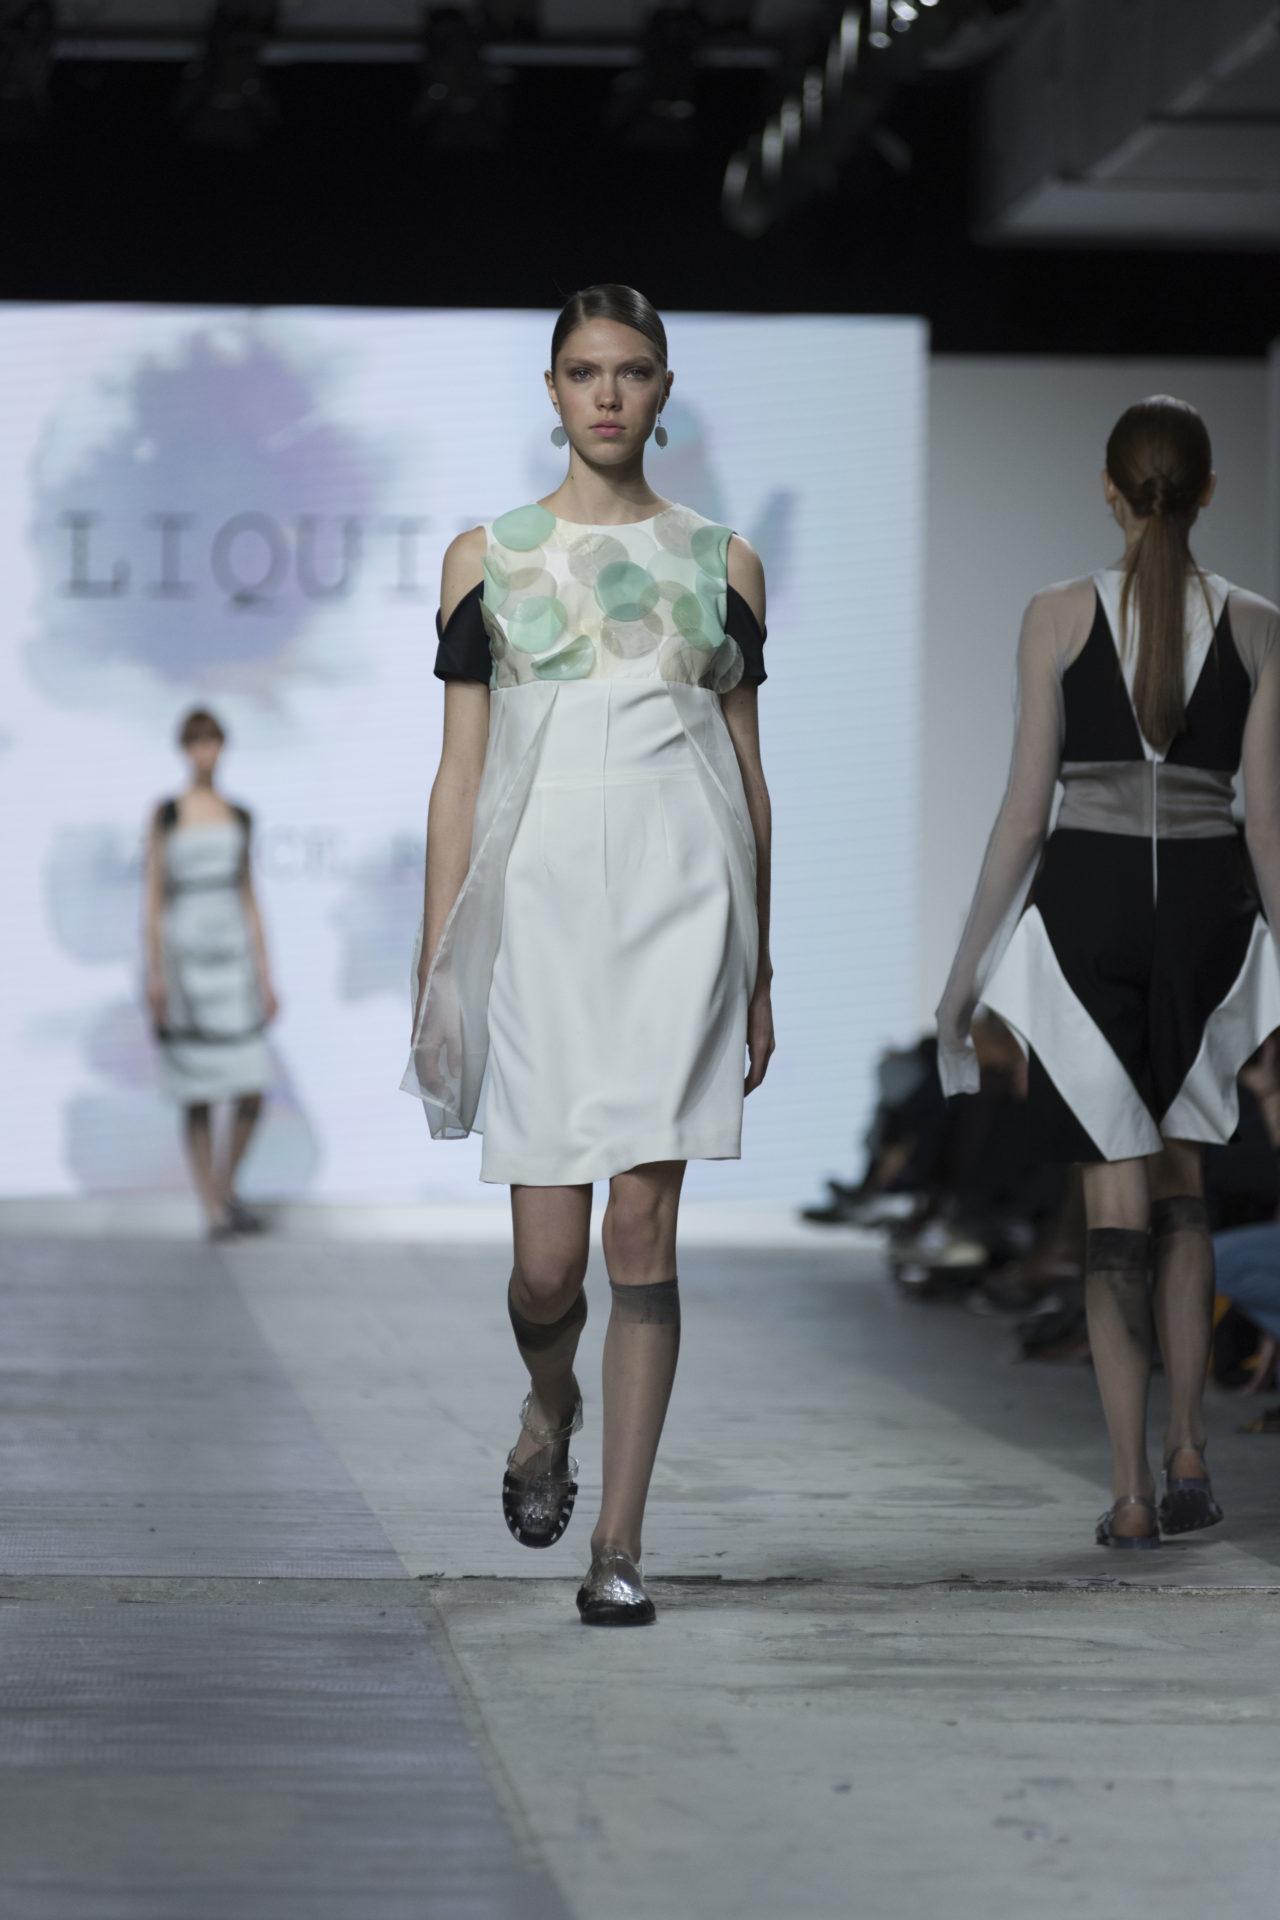 Fashion Show • Fashion Graduate Italia